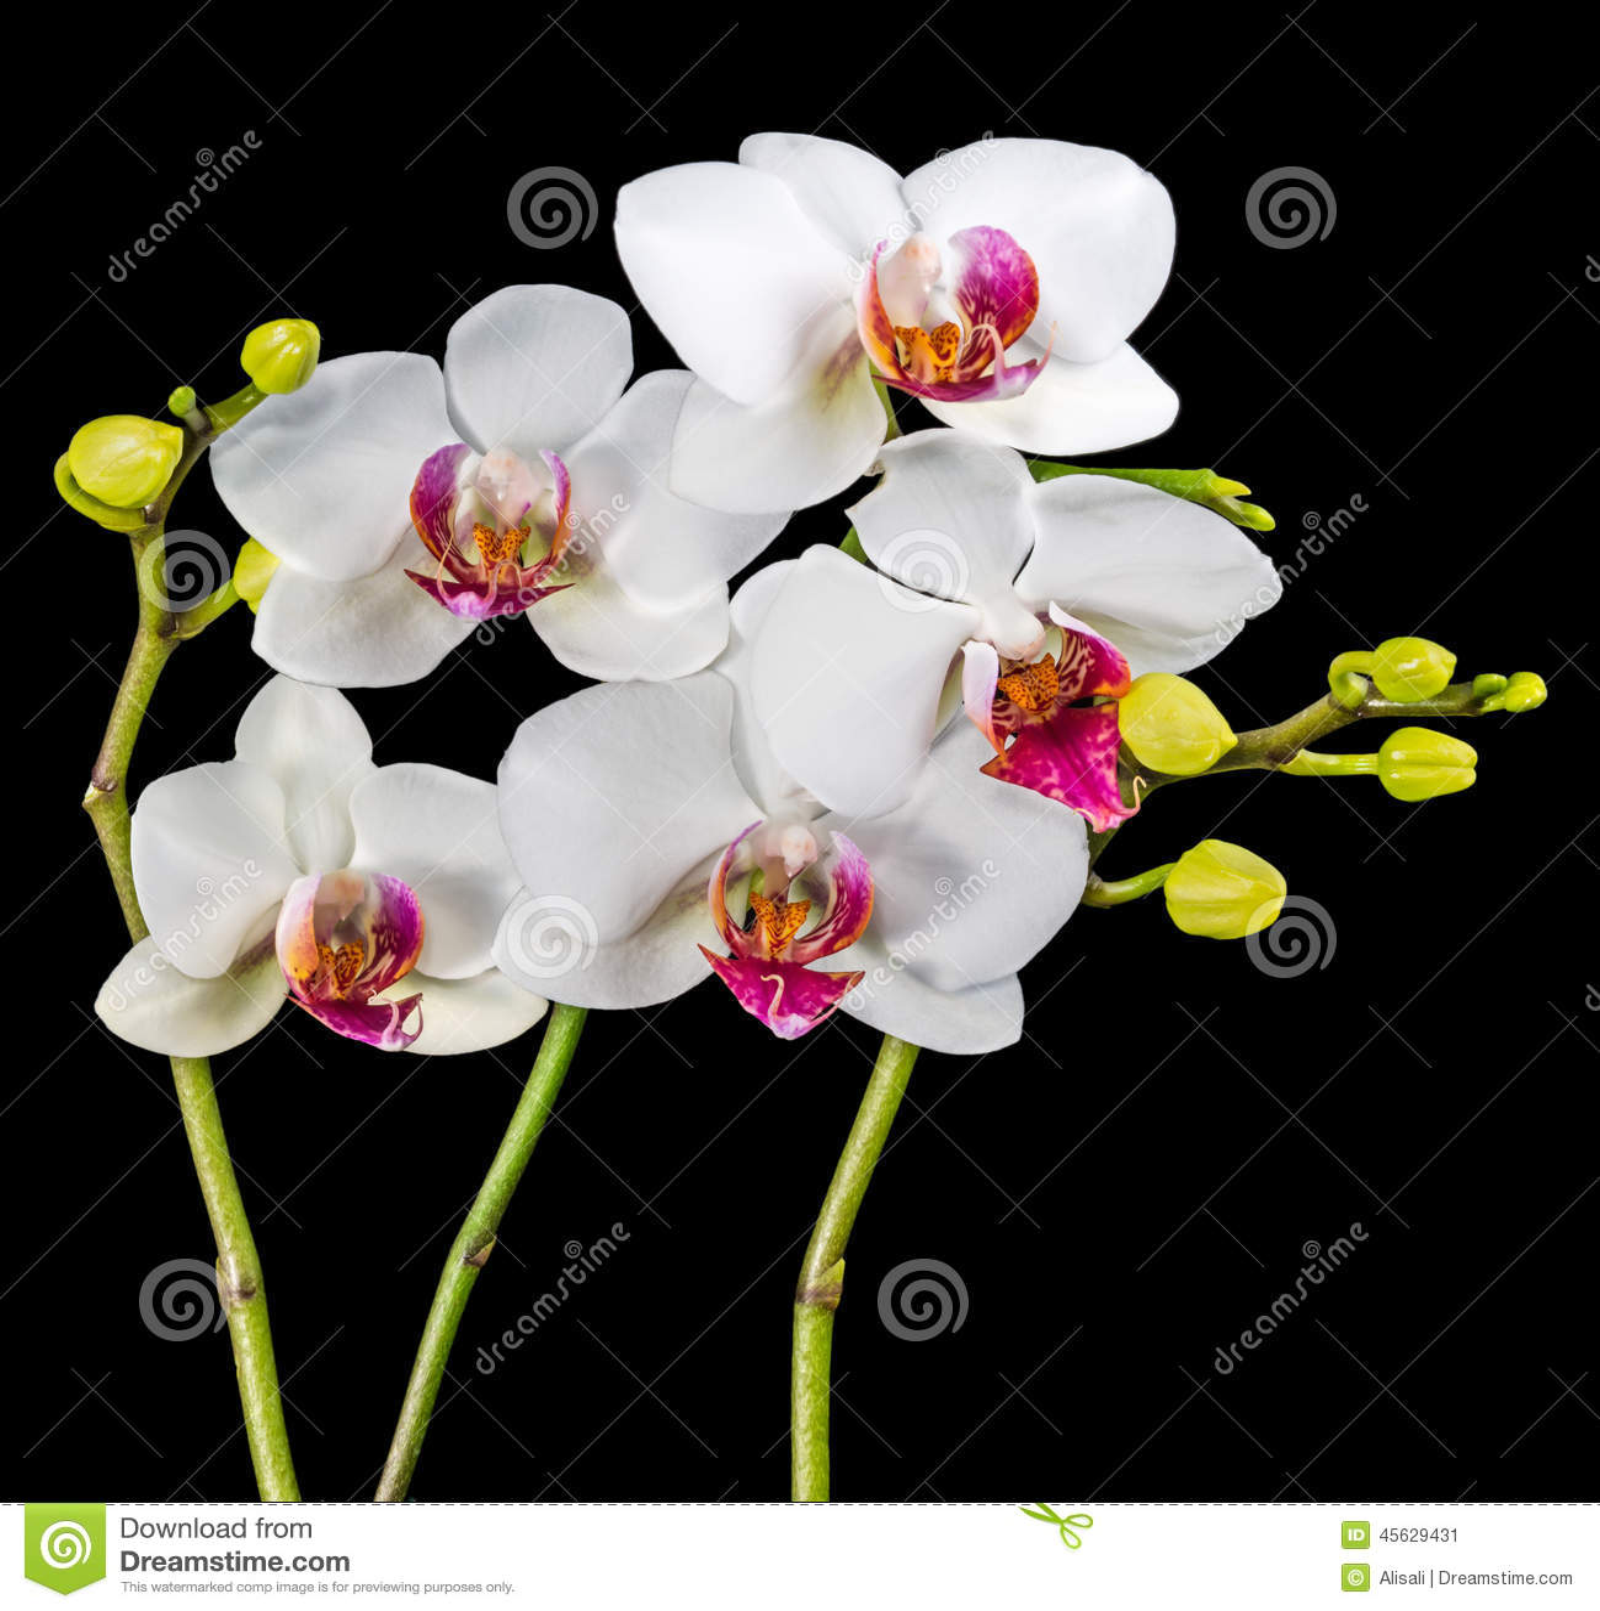 La fioritura si ramifica spirito bianco e rosso del fiore for Orchidea fioritura